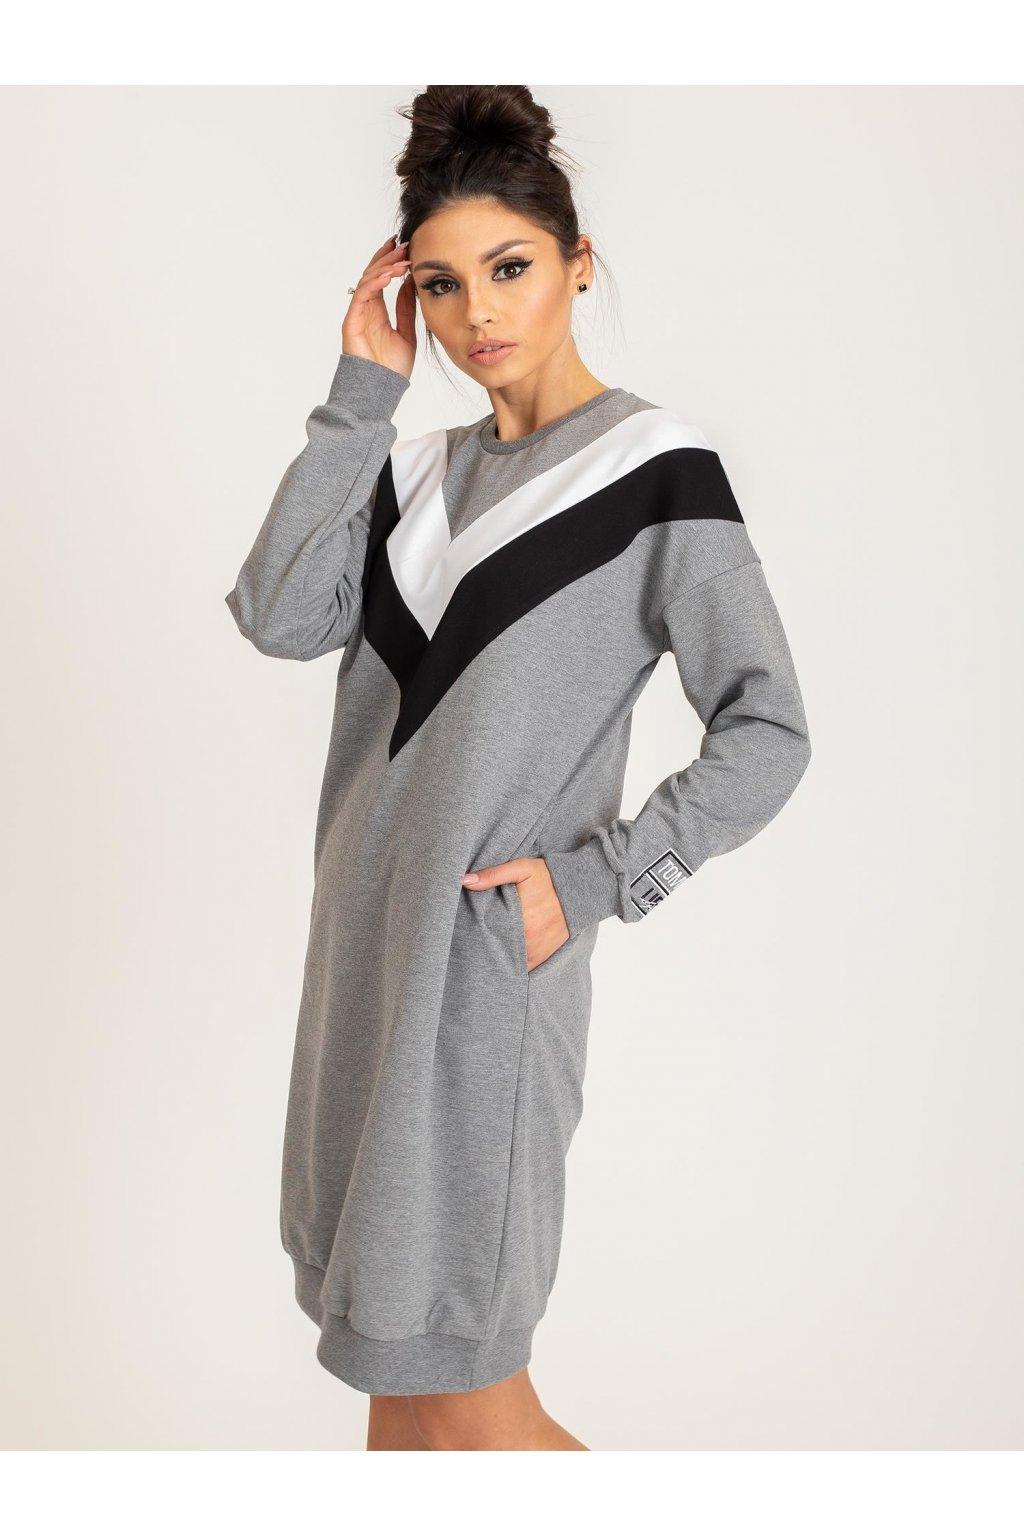 pol pl Czarny sweter Poncho 339213 1